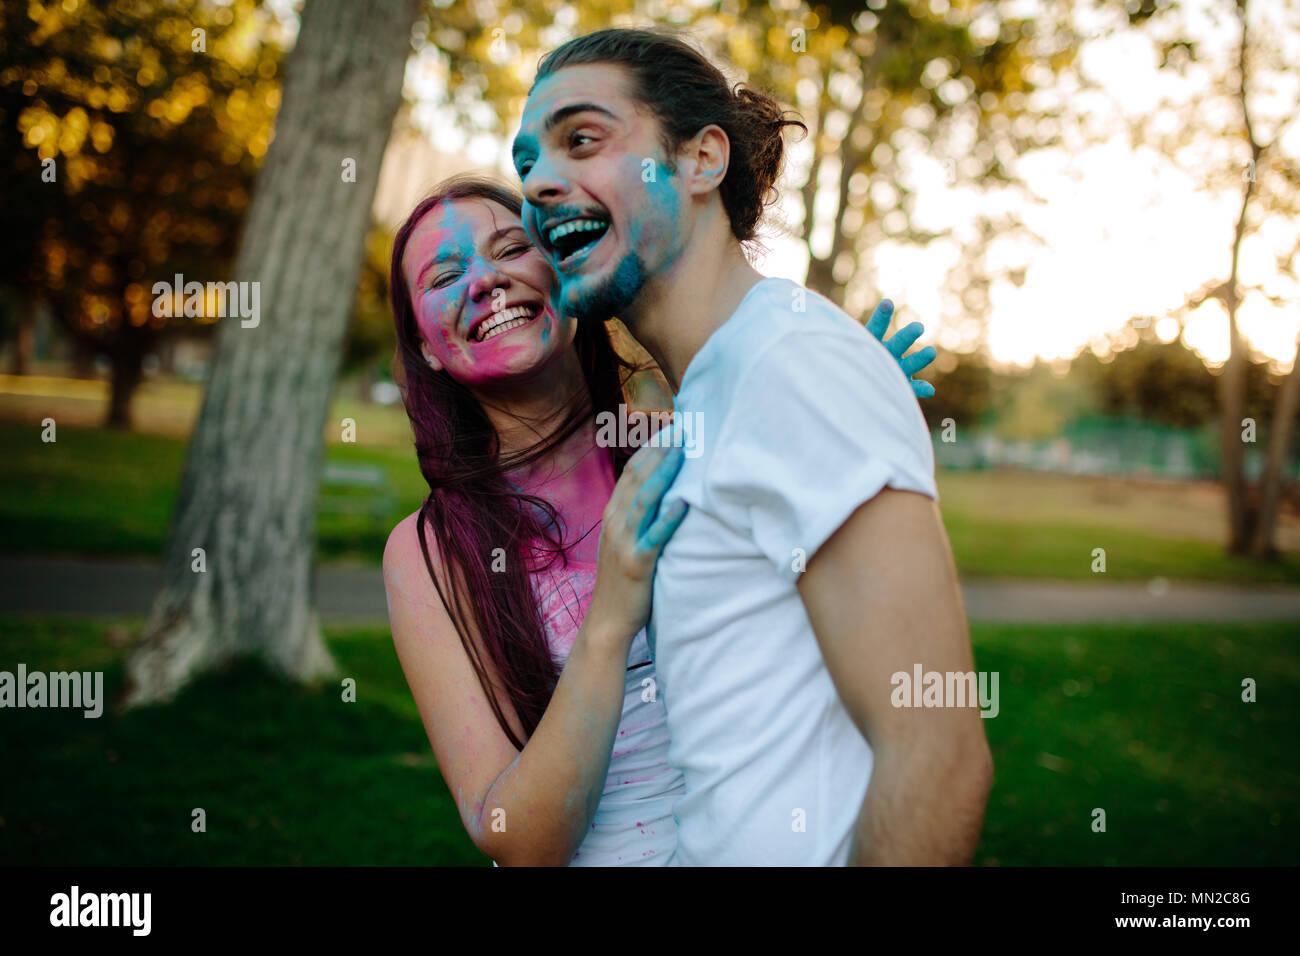 Pareja joven sonriente con polvo coloreado untado en sus rostros. Alegre al hombre y a la mujer disfrutar festival de colores al aire libre en el parque. Foto de stock